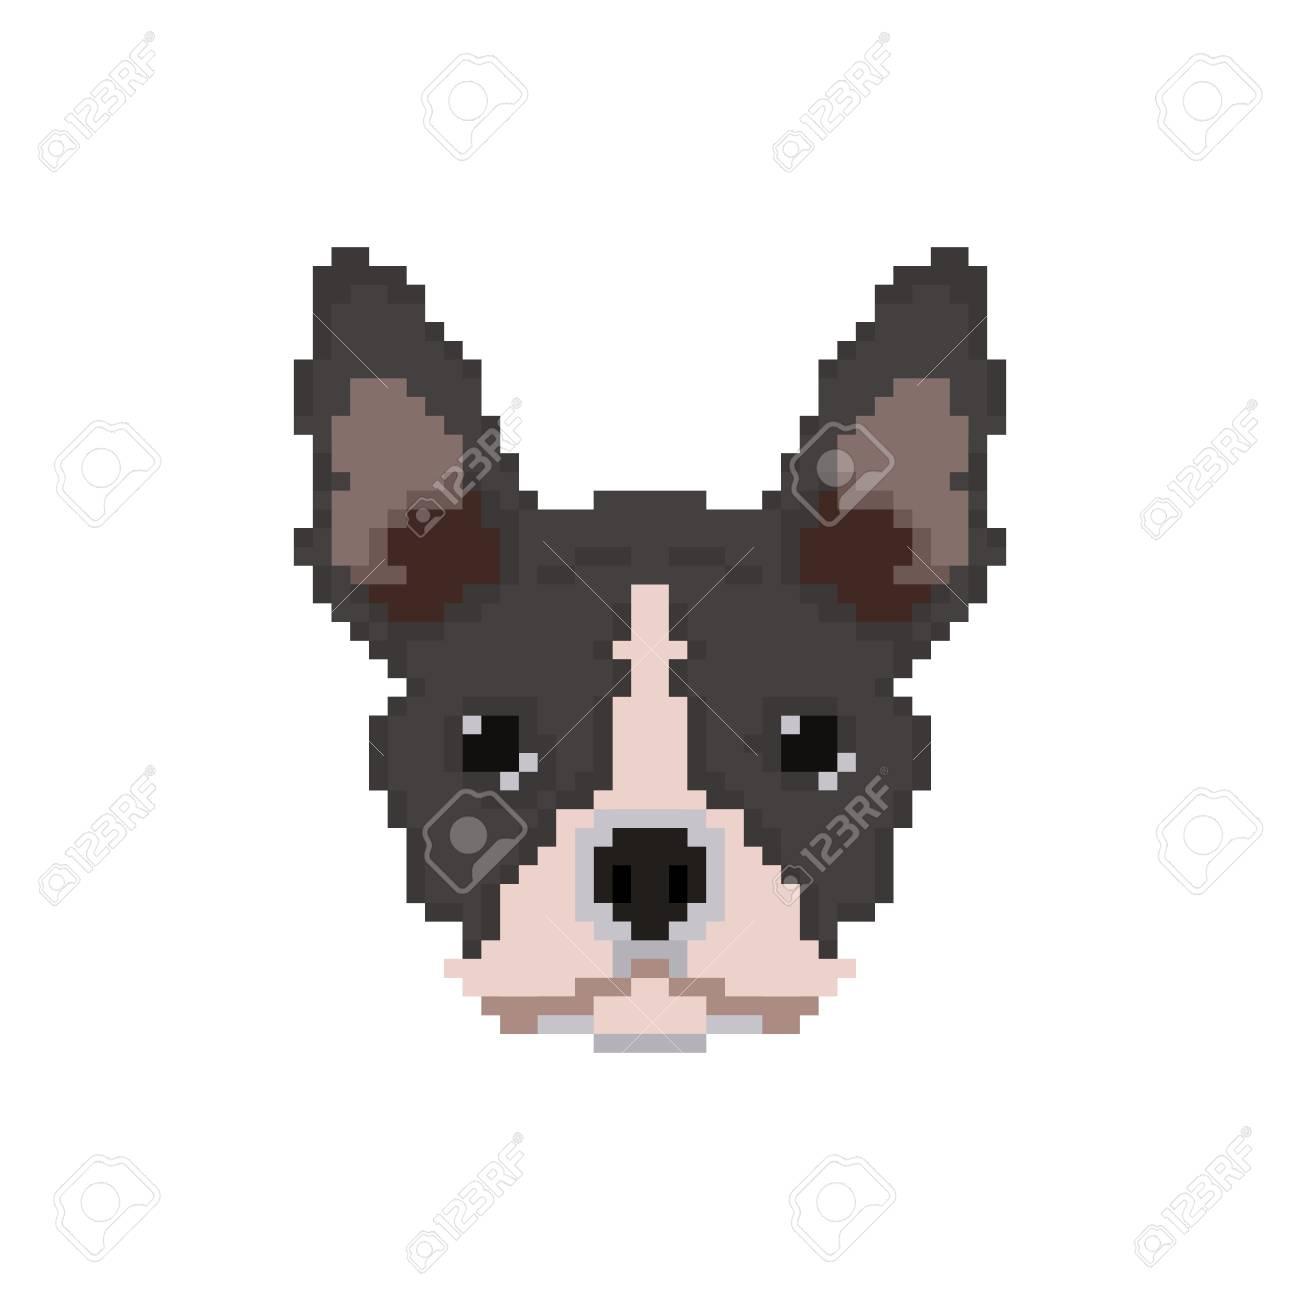 Tête De Bouledogue Français Dans Le Style Pixel Art Illustration Vectorielle De Chien